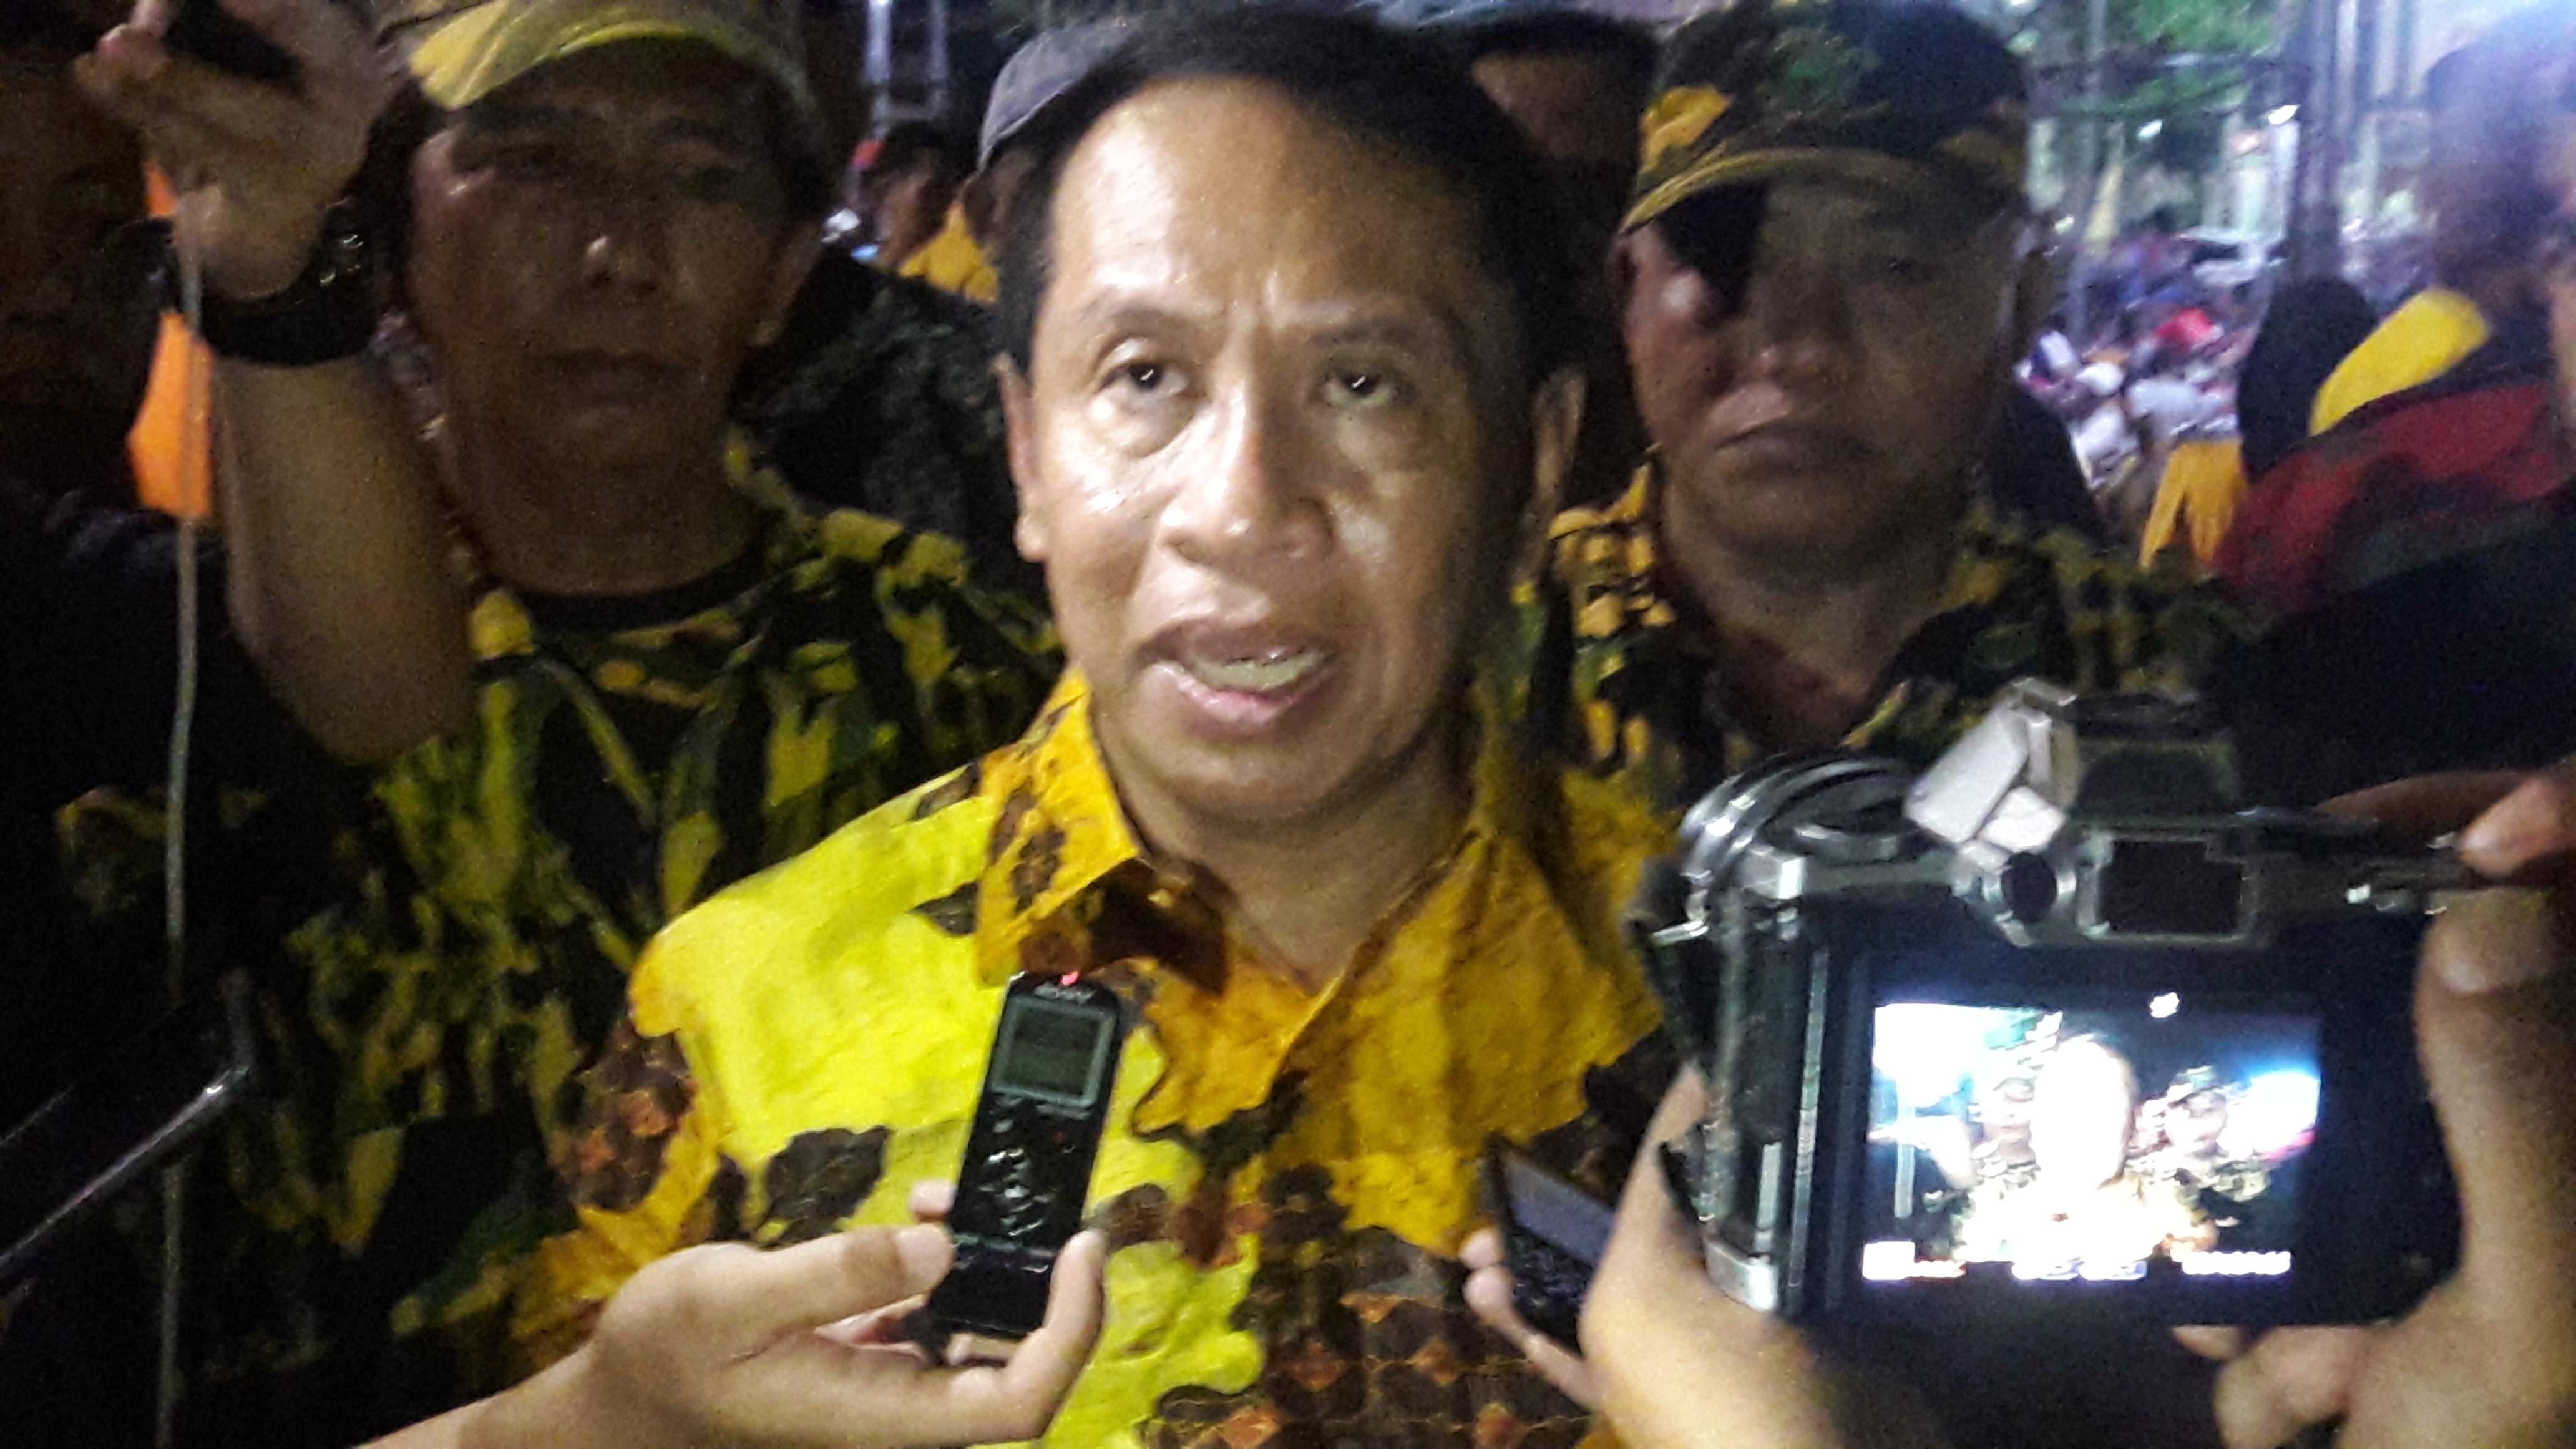 Suporter Malaysia Serang Pendukung Timnas Indonesia, Menpora Tuntut Malaysia Minta Maaf